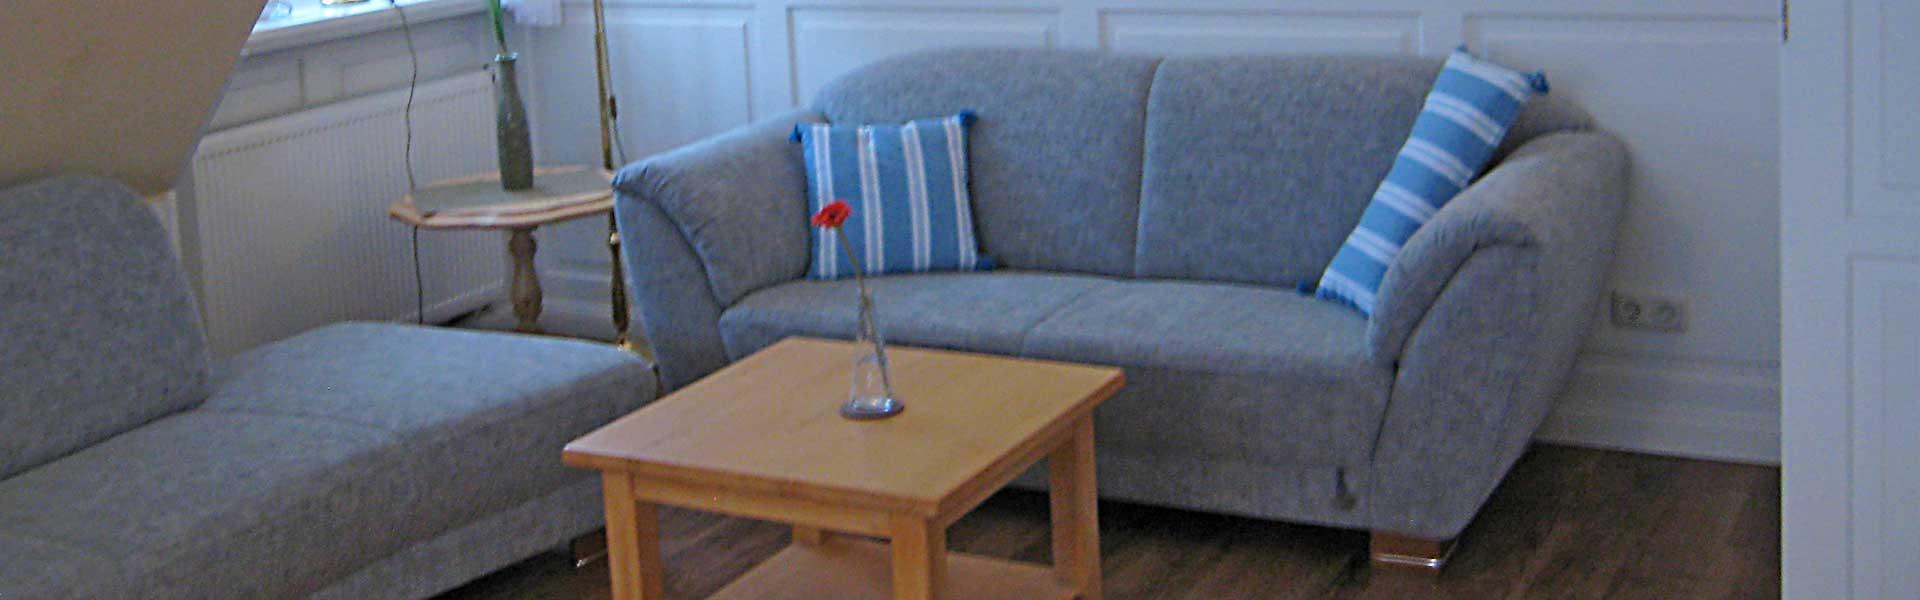 Gemütlich Landhaus Couch Zeitgenössisch - Innenarchitektur ...